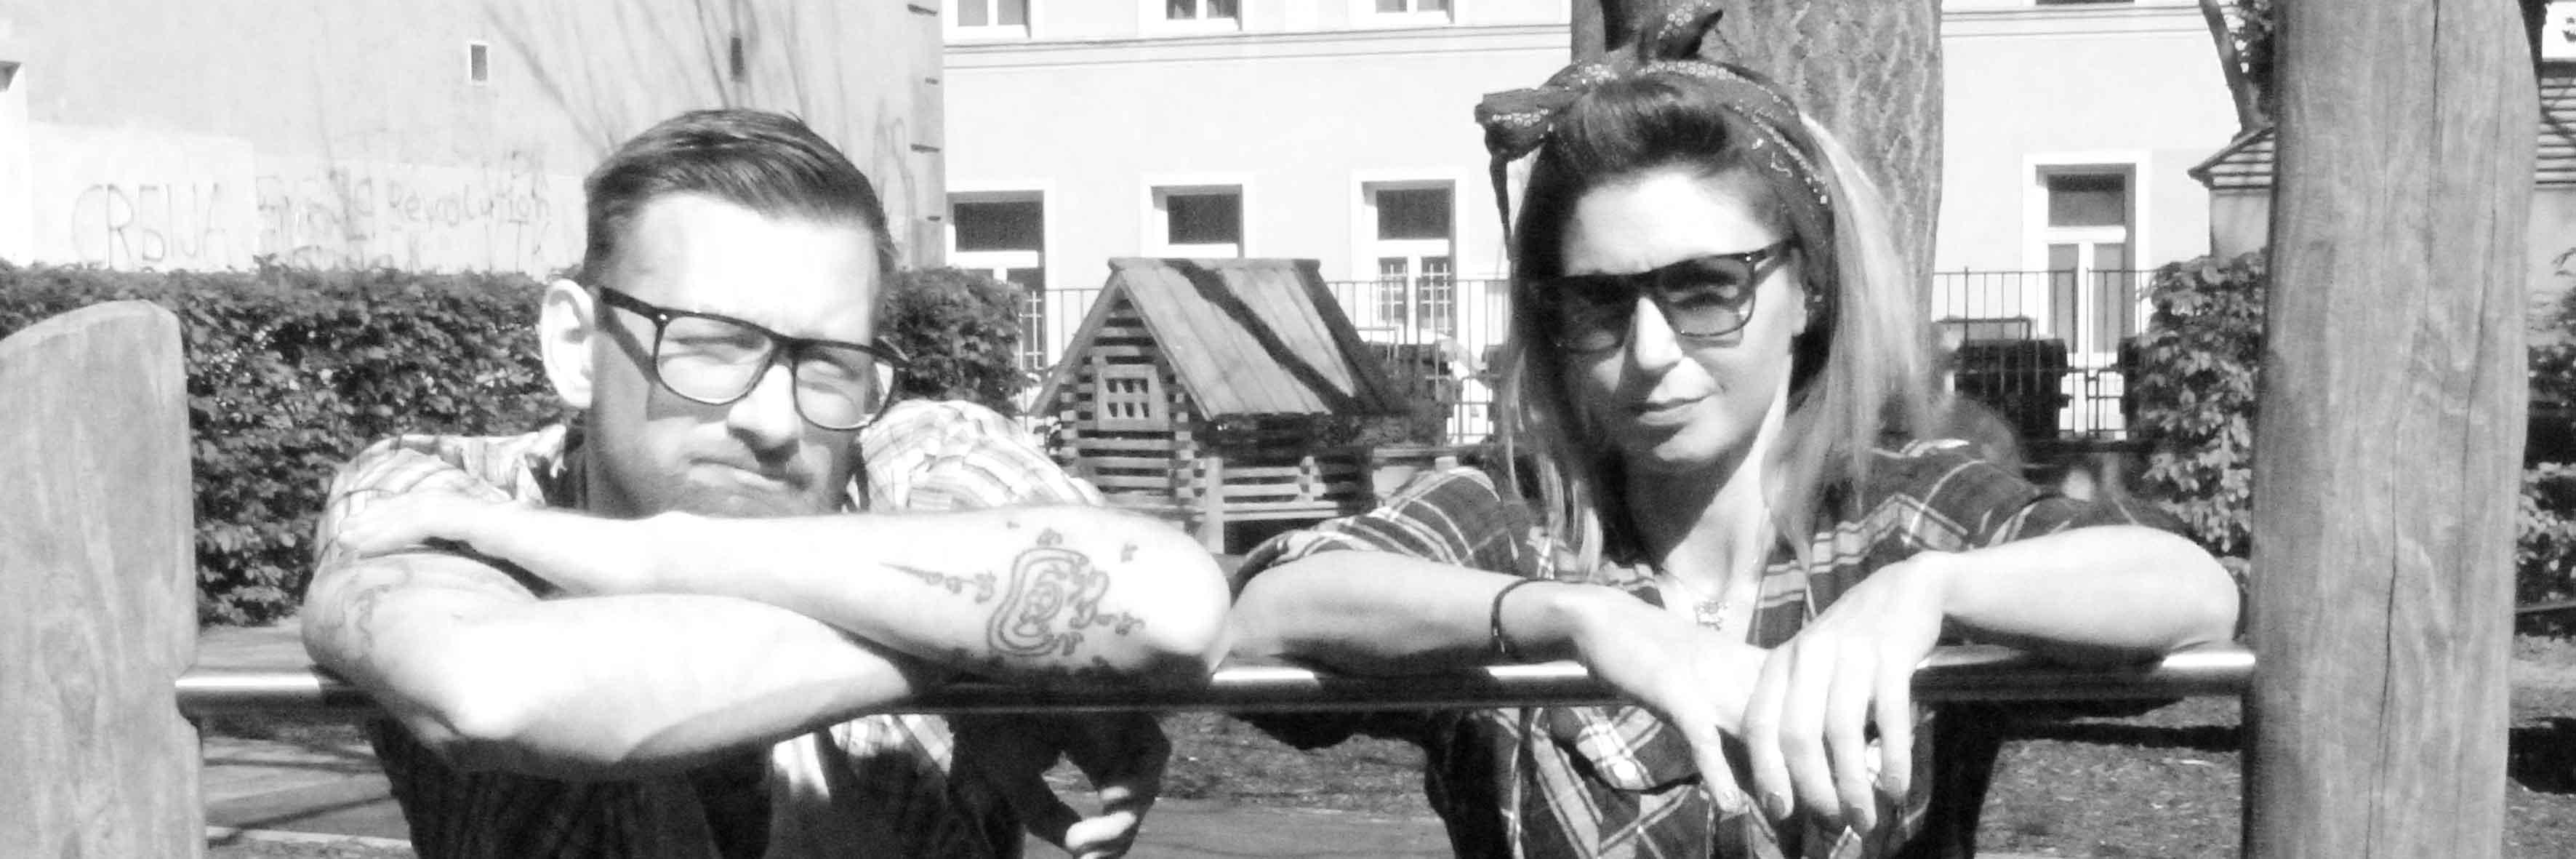 rockabilly-wir